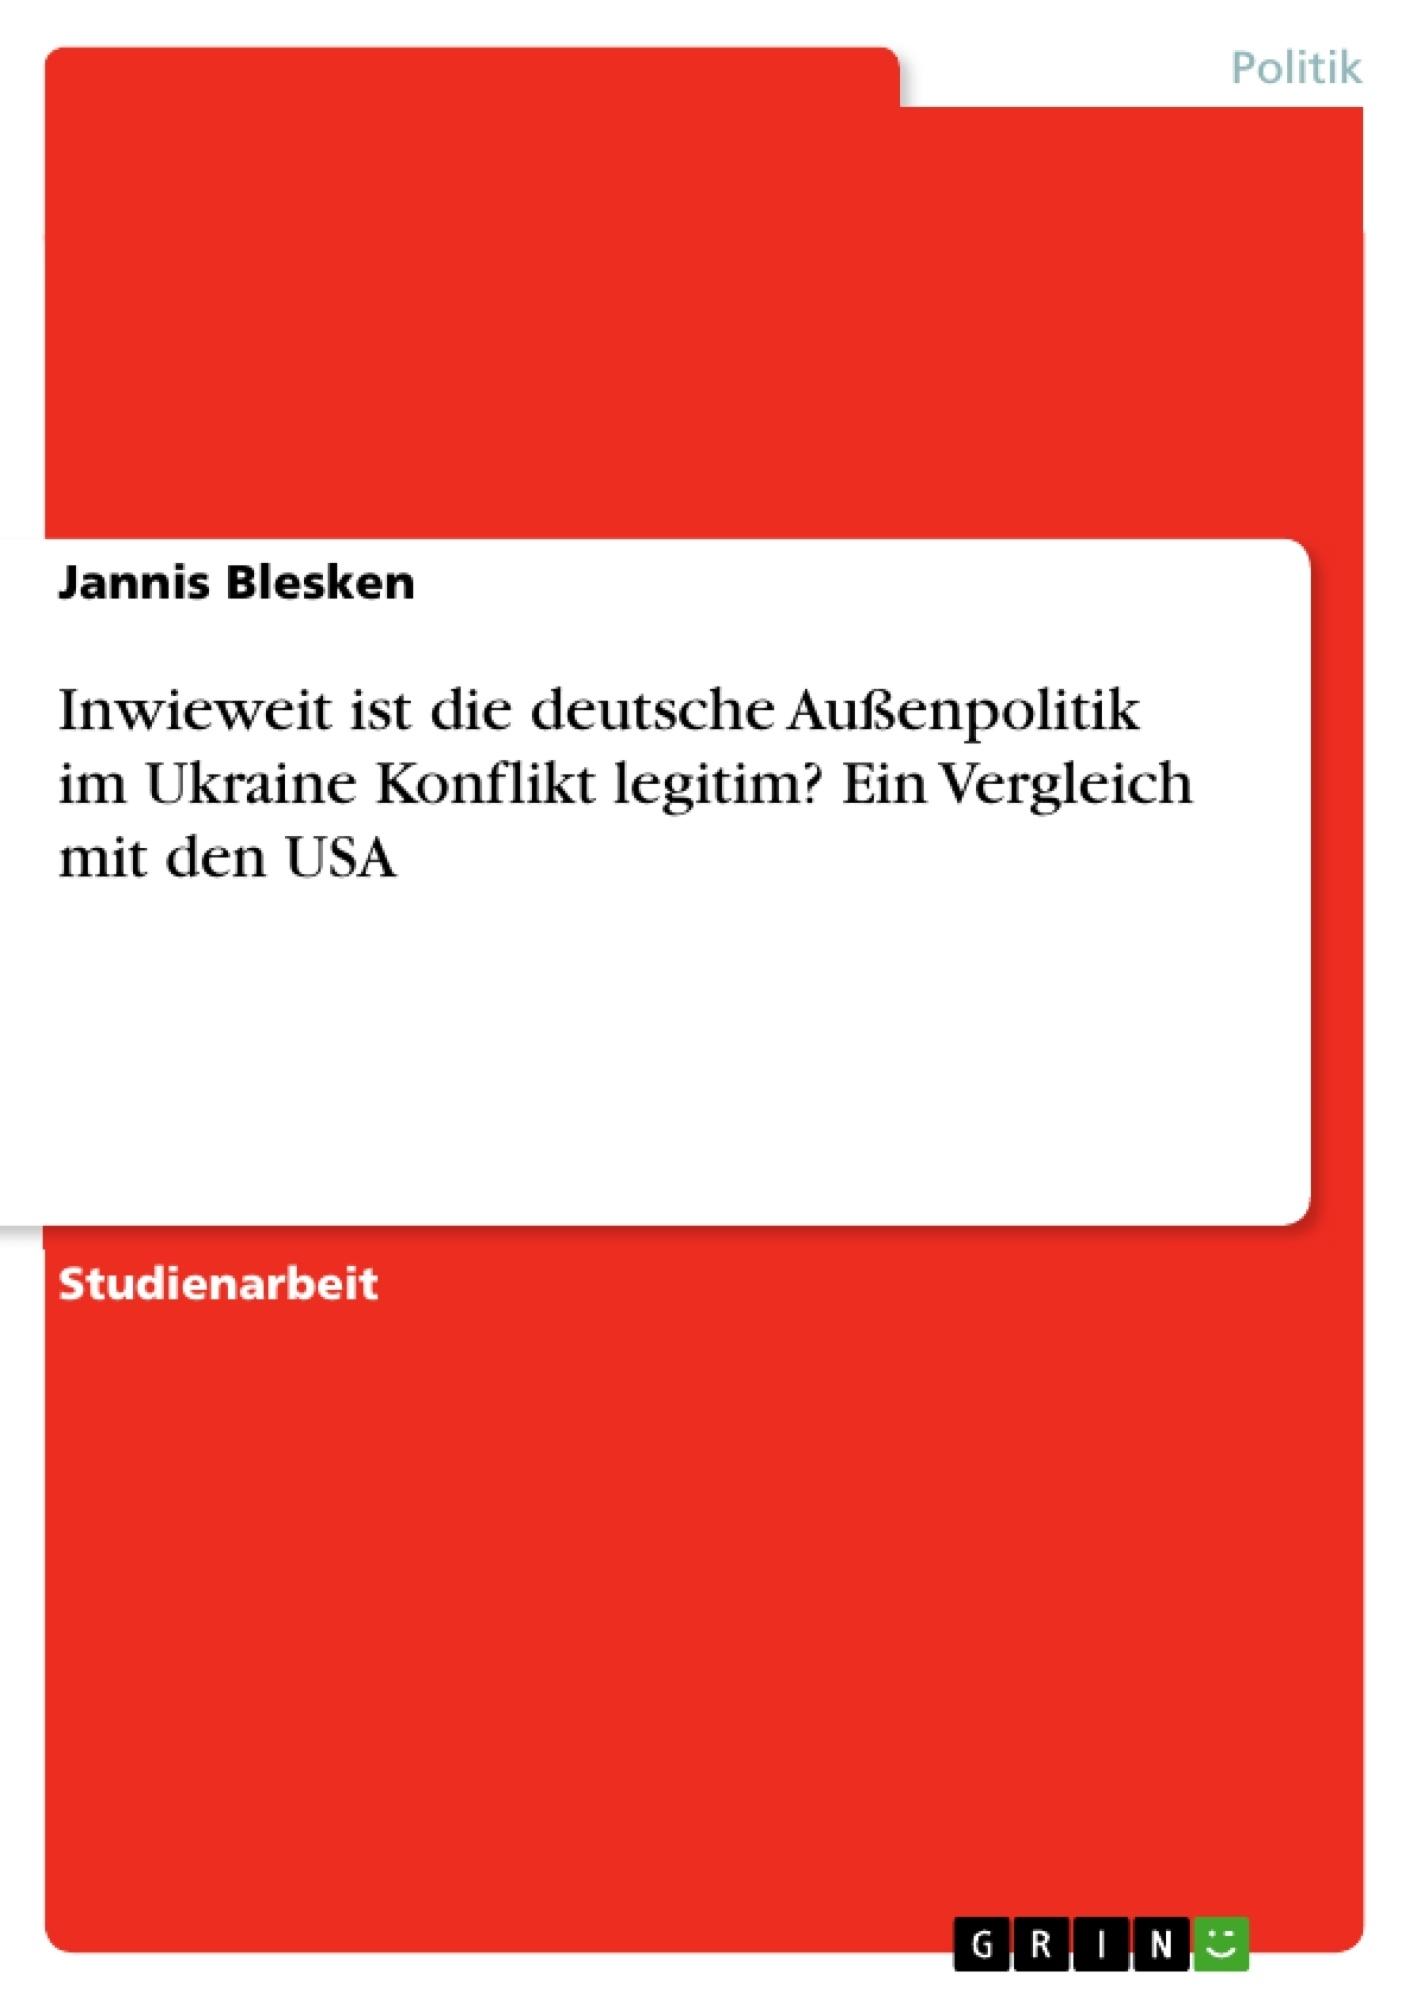 Titel: Inwieweit ist die deutsche Außenpolitik im Ukraine Konflikt legitim? Ein Vergleich mit den USA